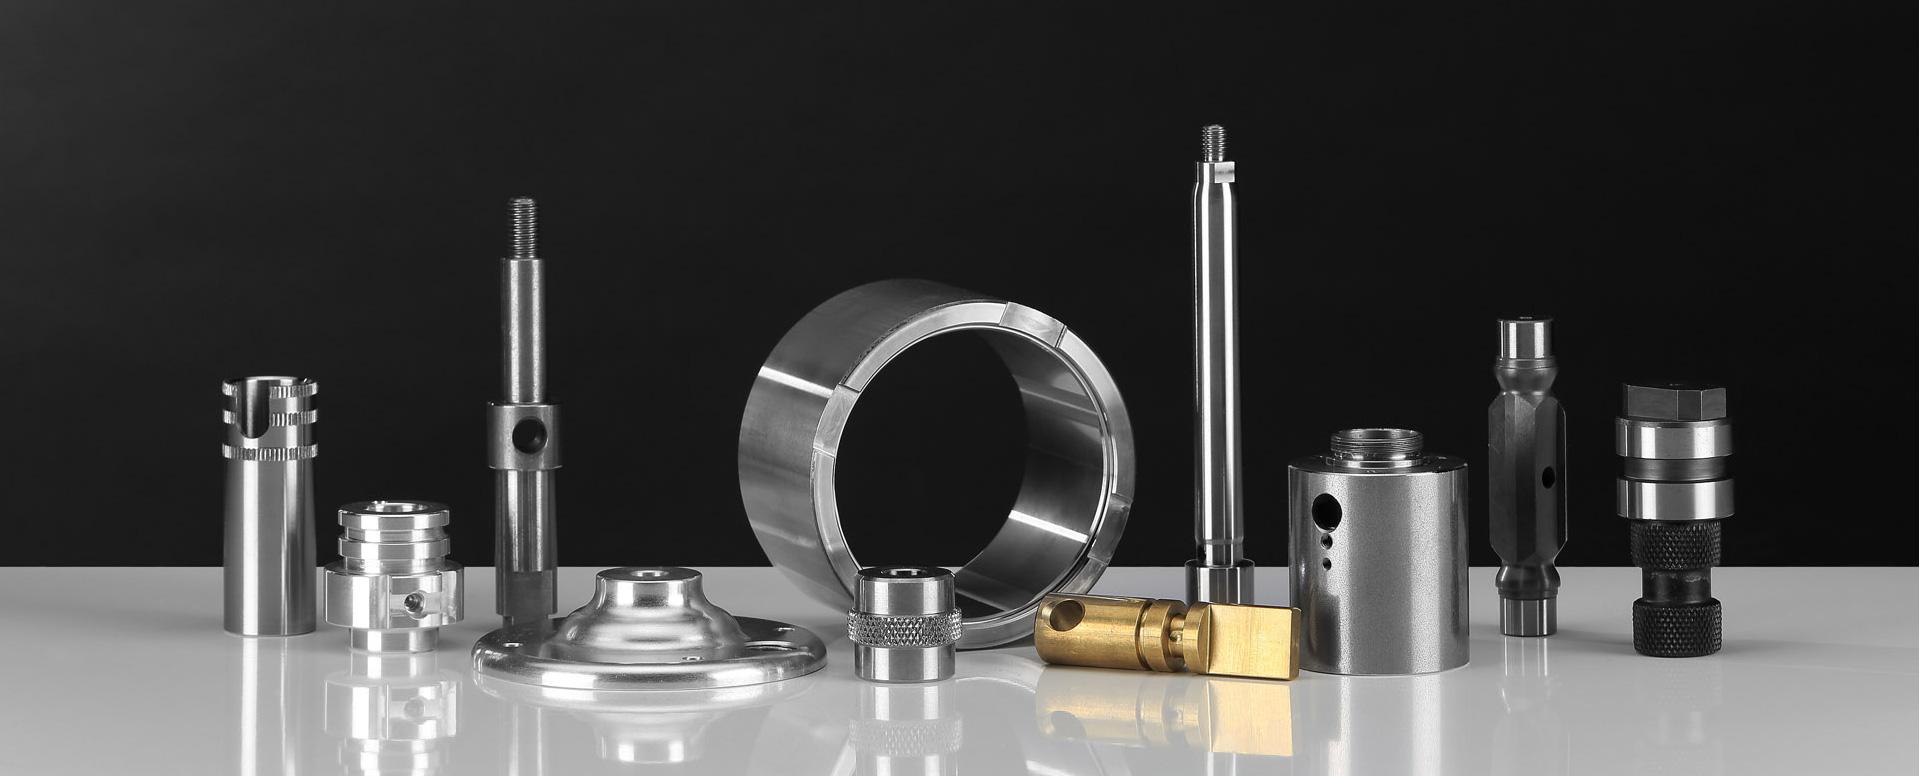 Nous sommes une entreprise spécialisée dans l'usinage de précision de pièces en série sur plan